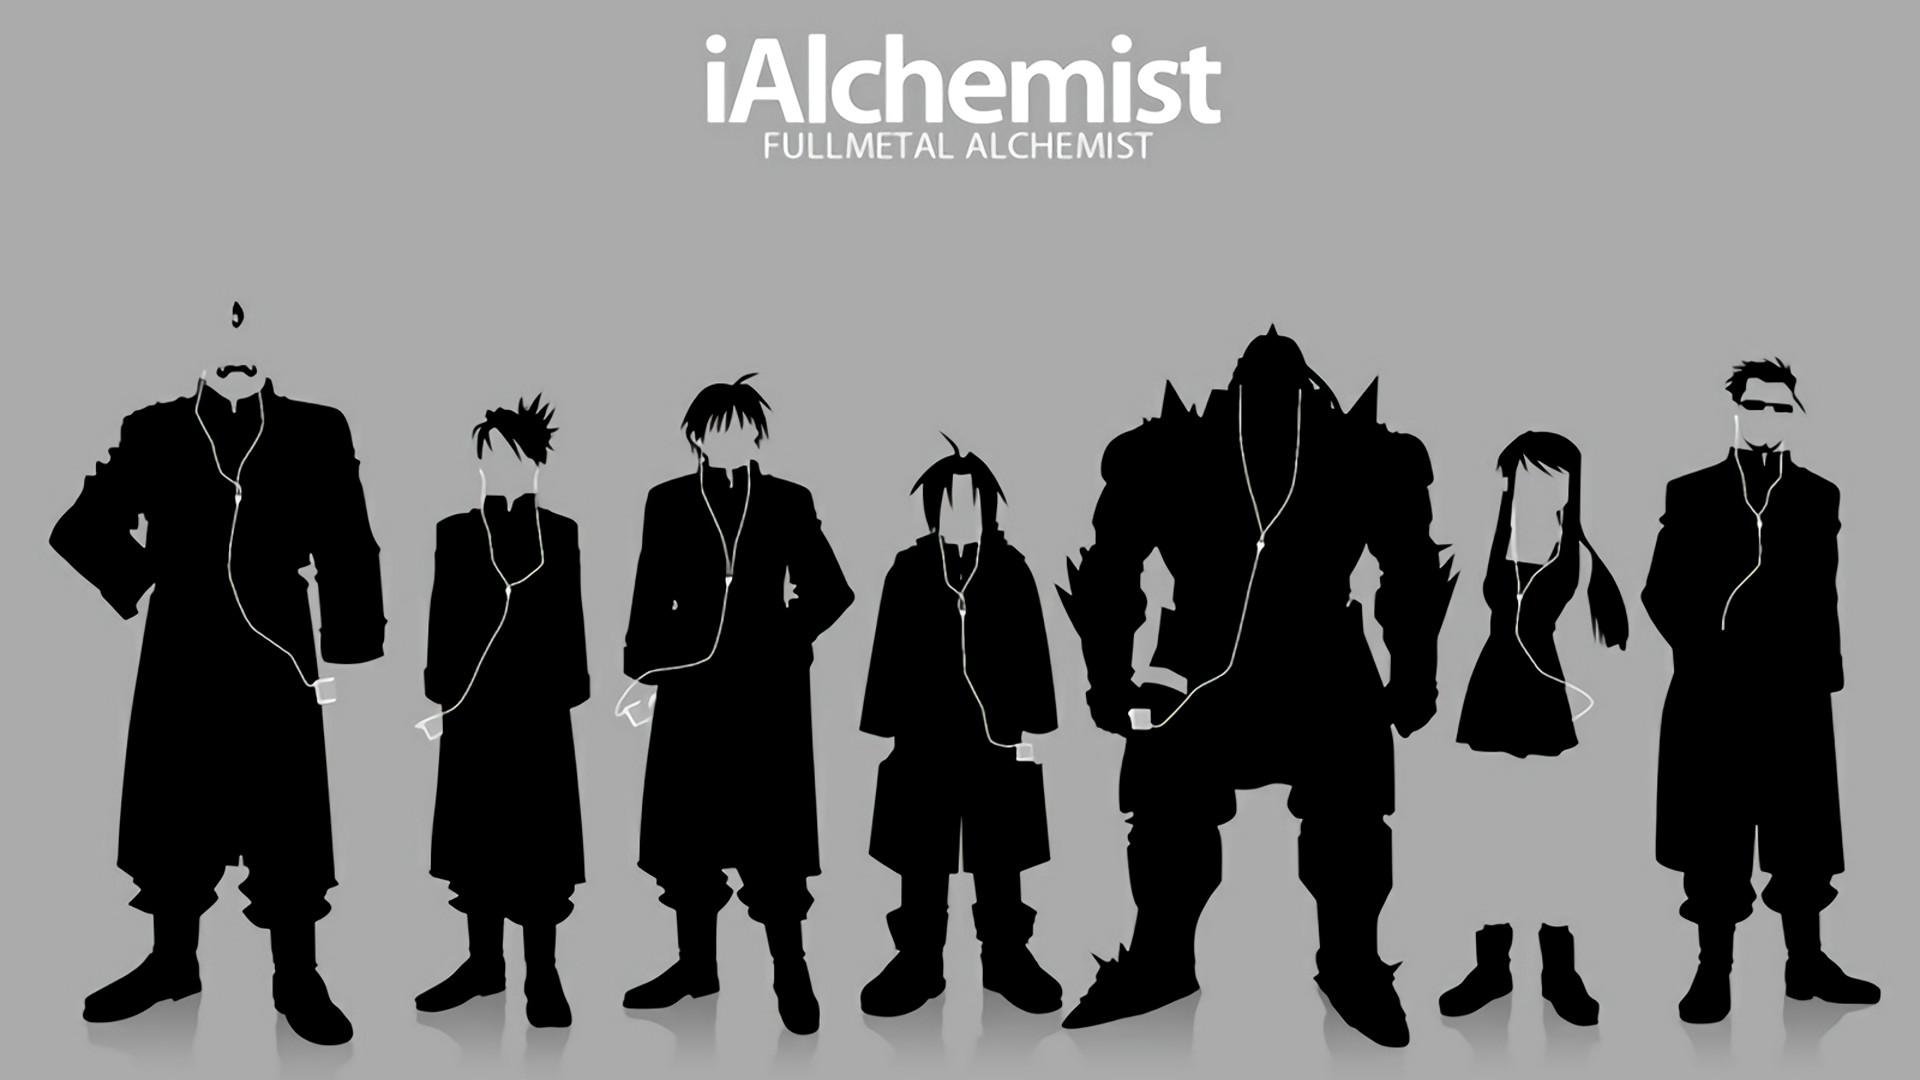 1080x1920 Anime Fullmetal Alchemist Wallpaper 195804 2560x1440